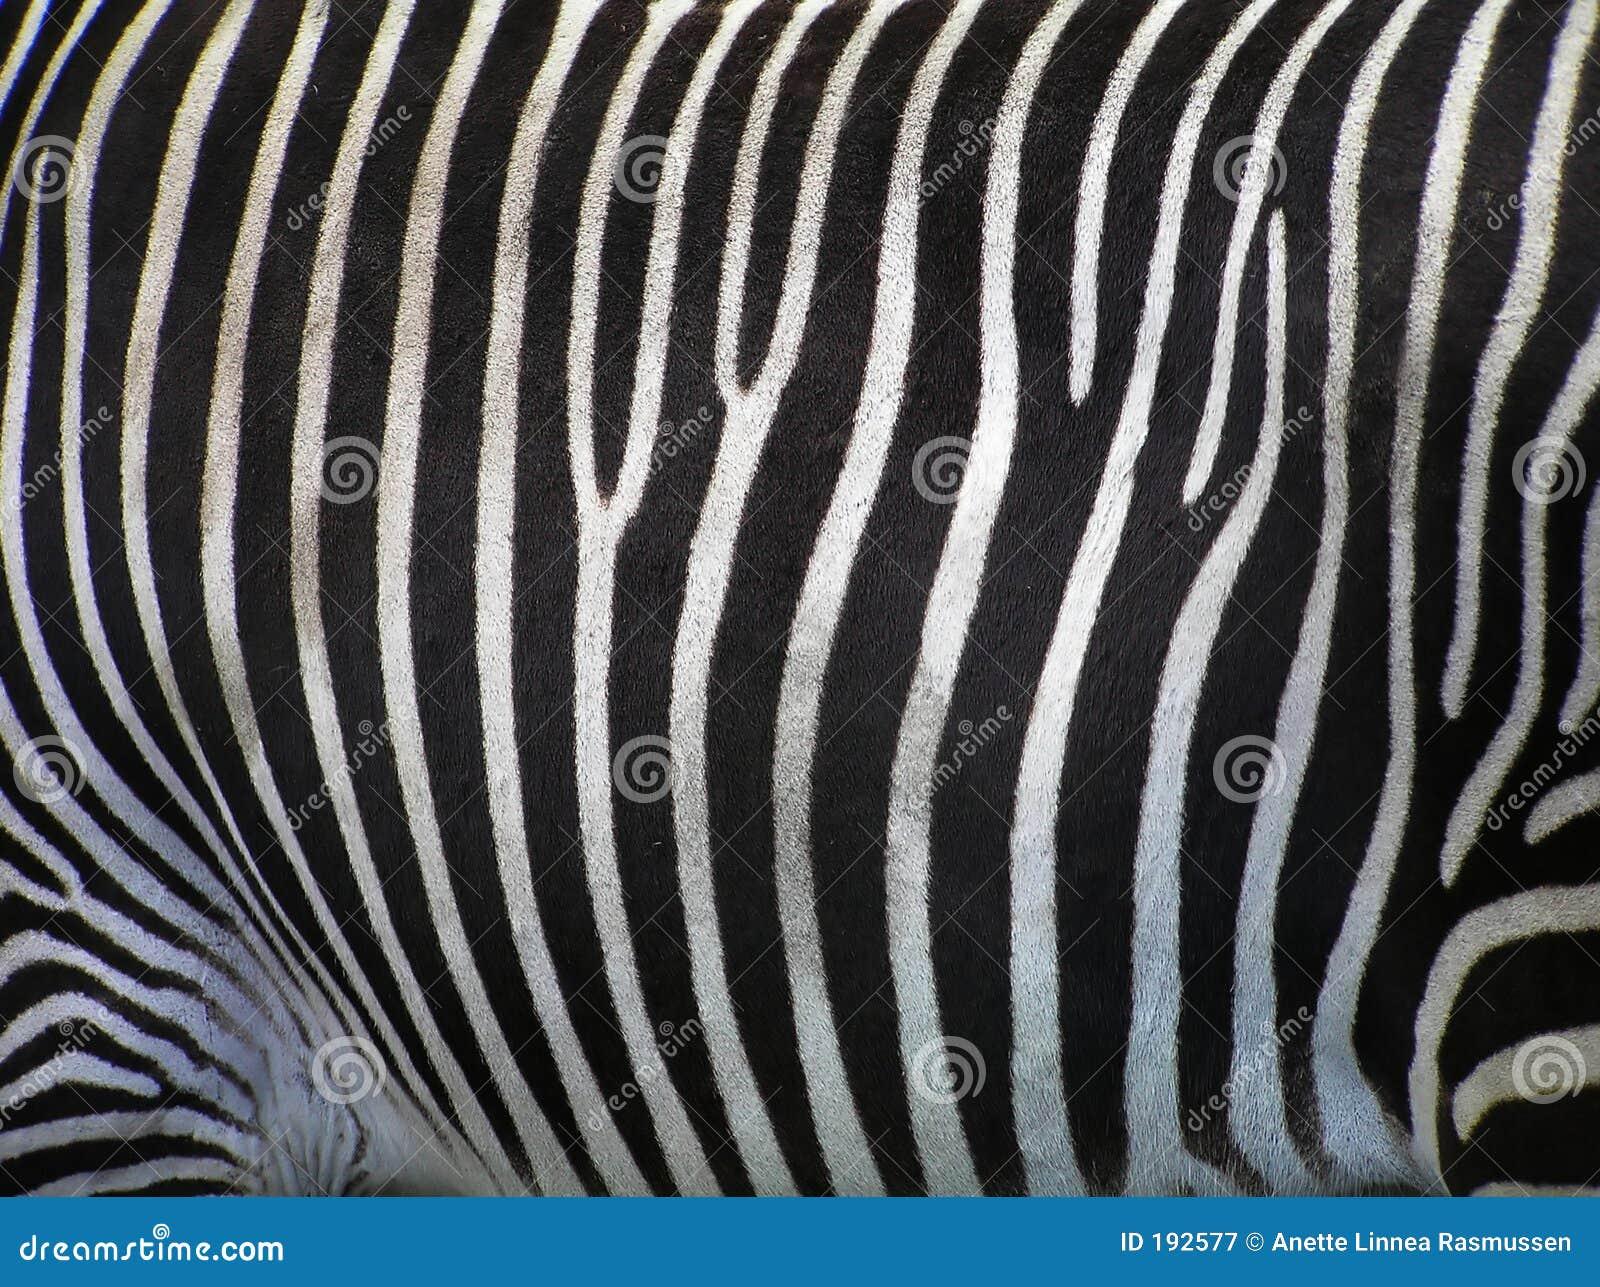 Particolari della zebra